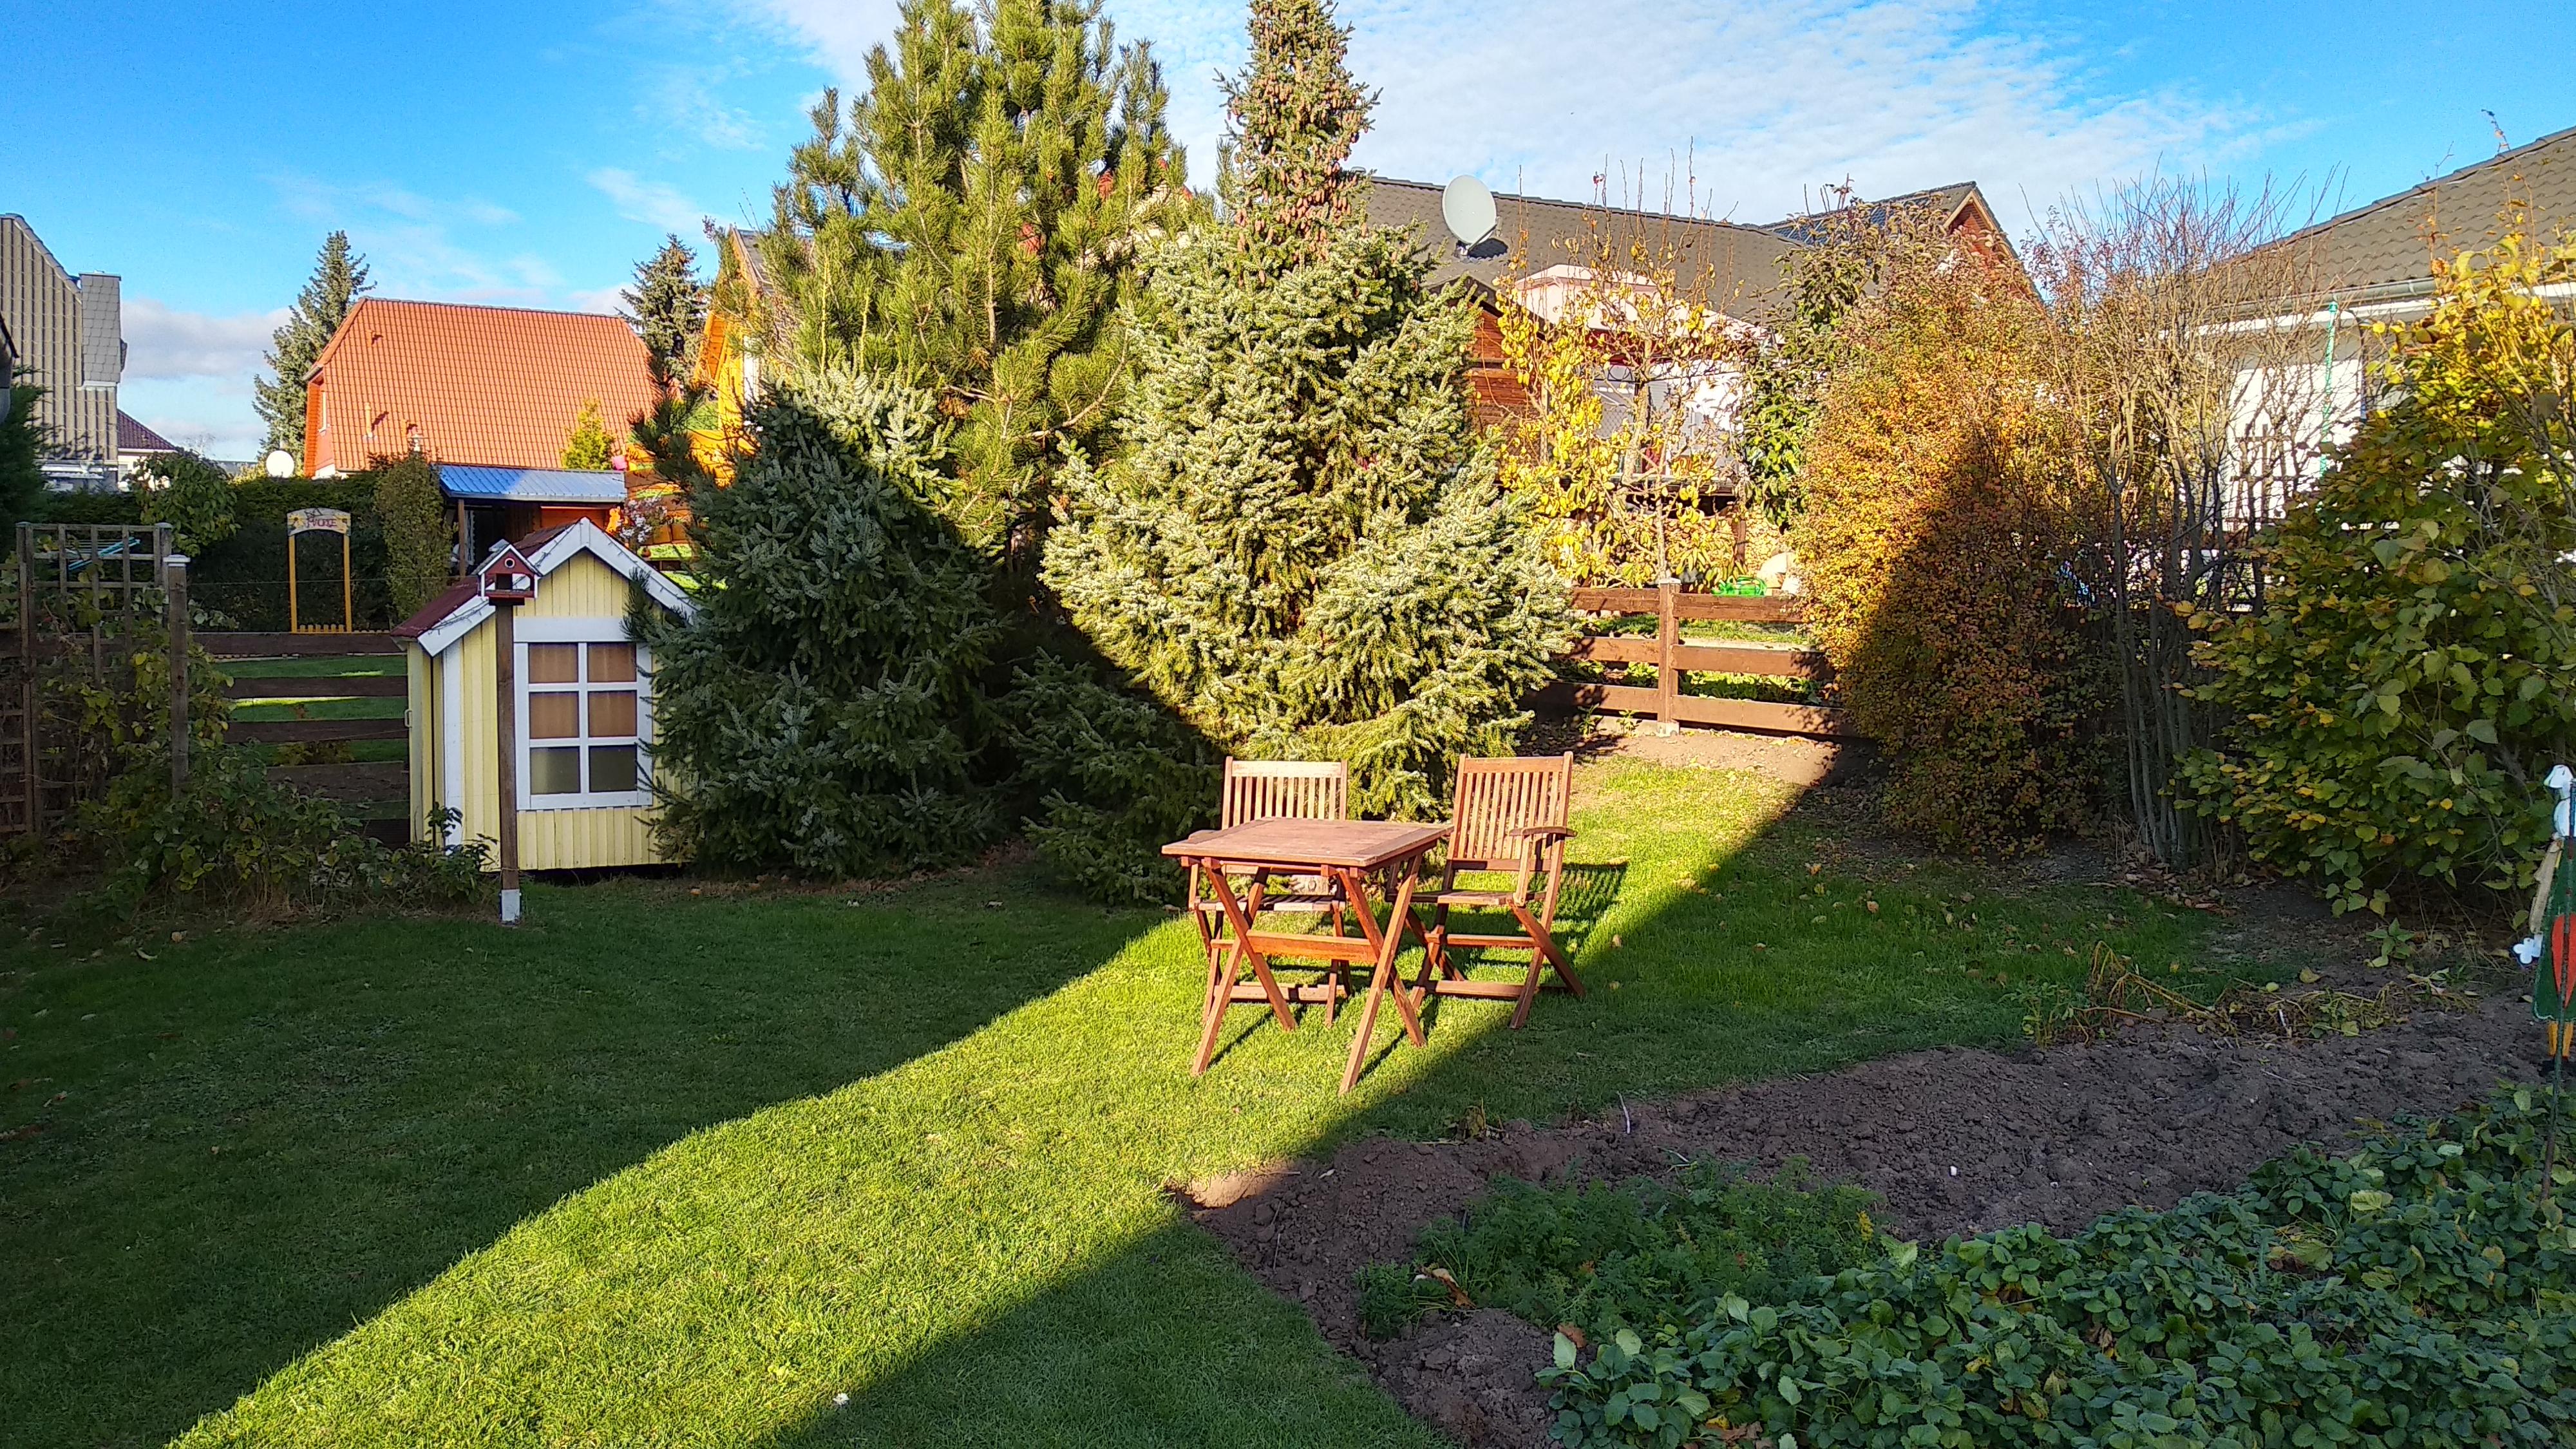 Einfamilienhaus in Sennewitz - Blick in den Garten